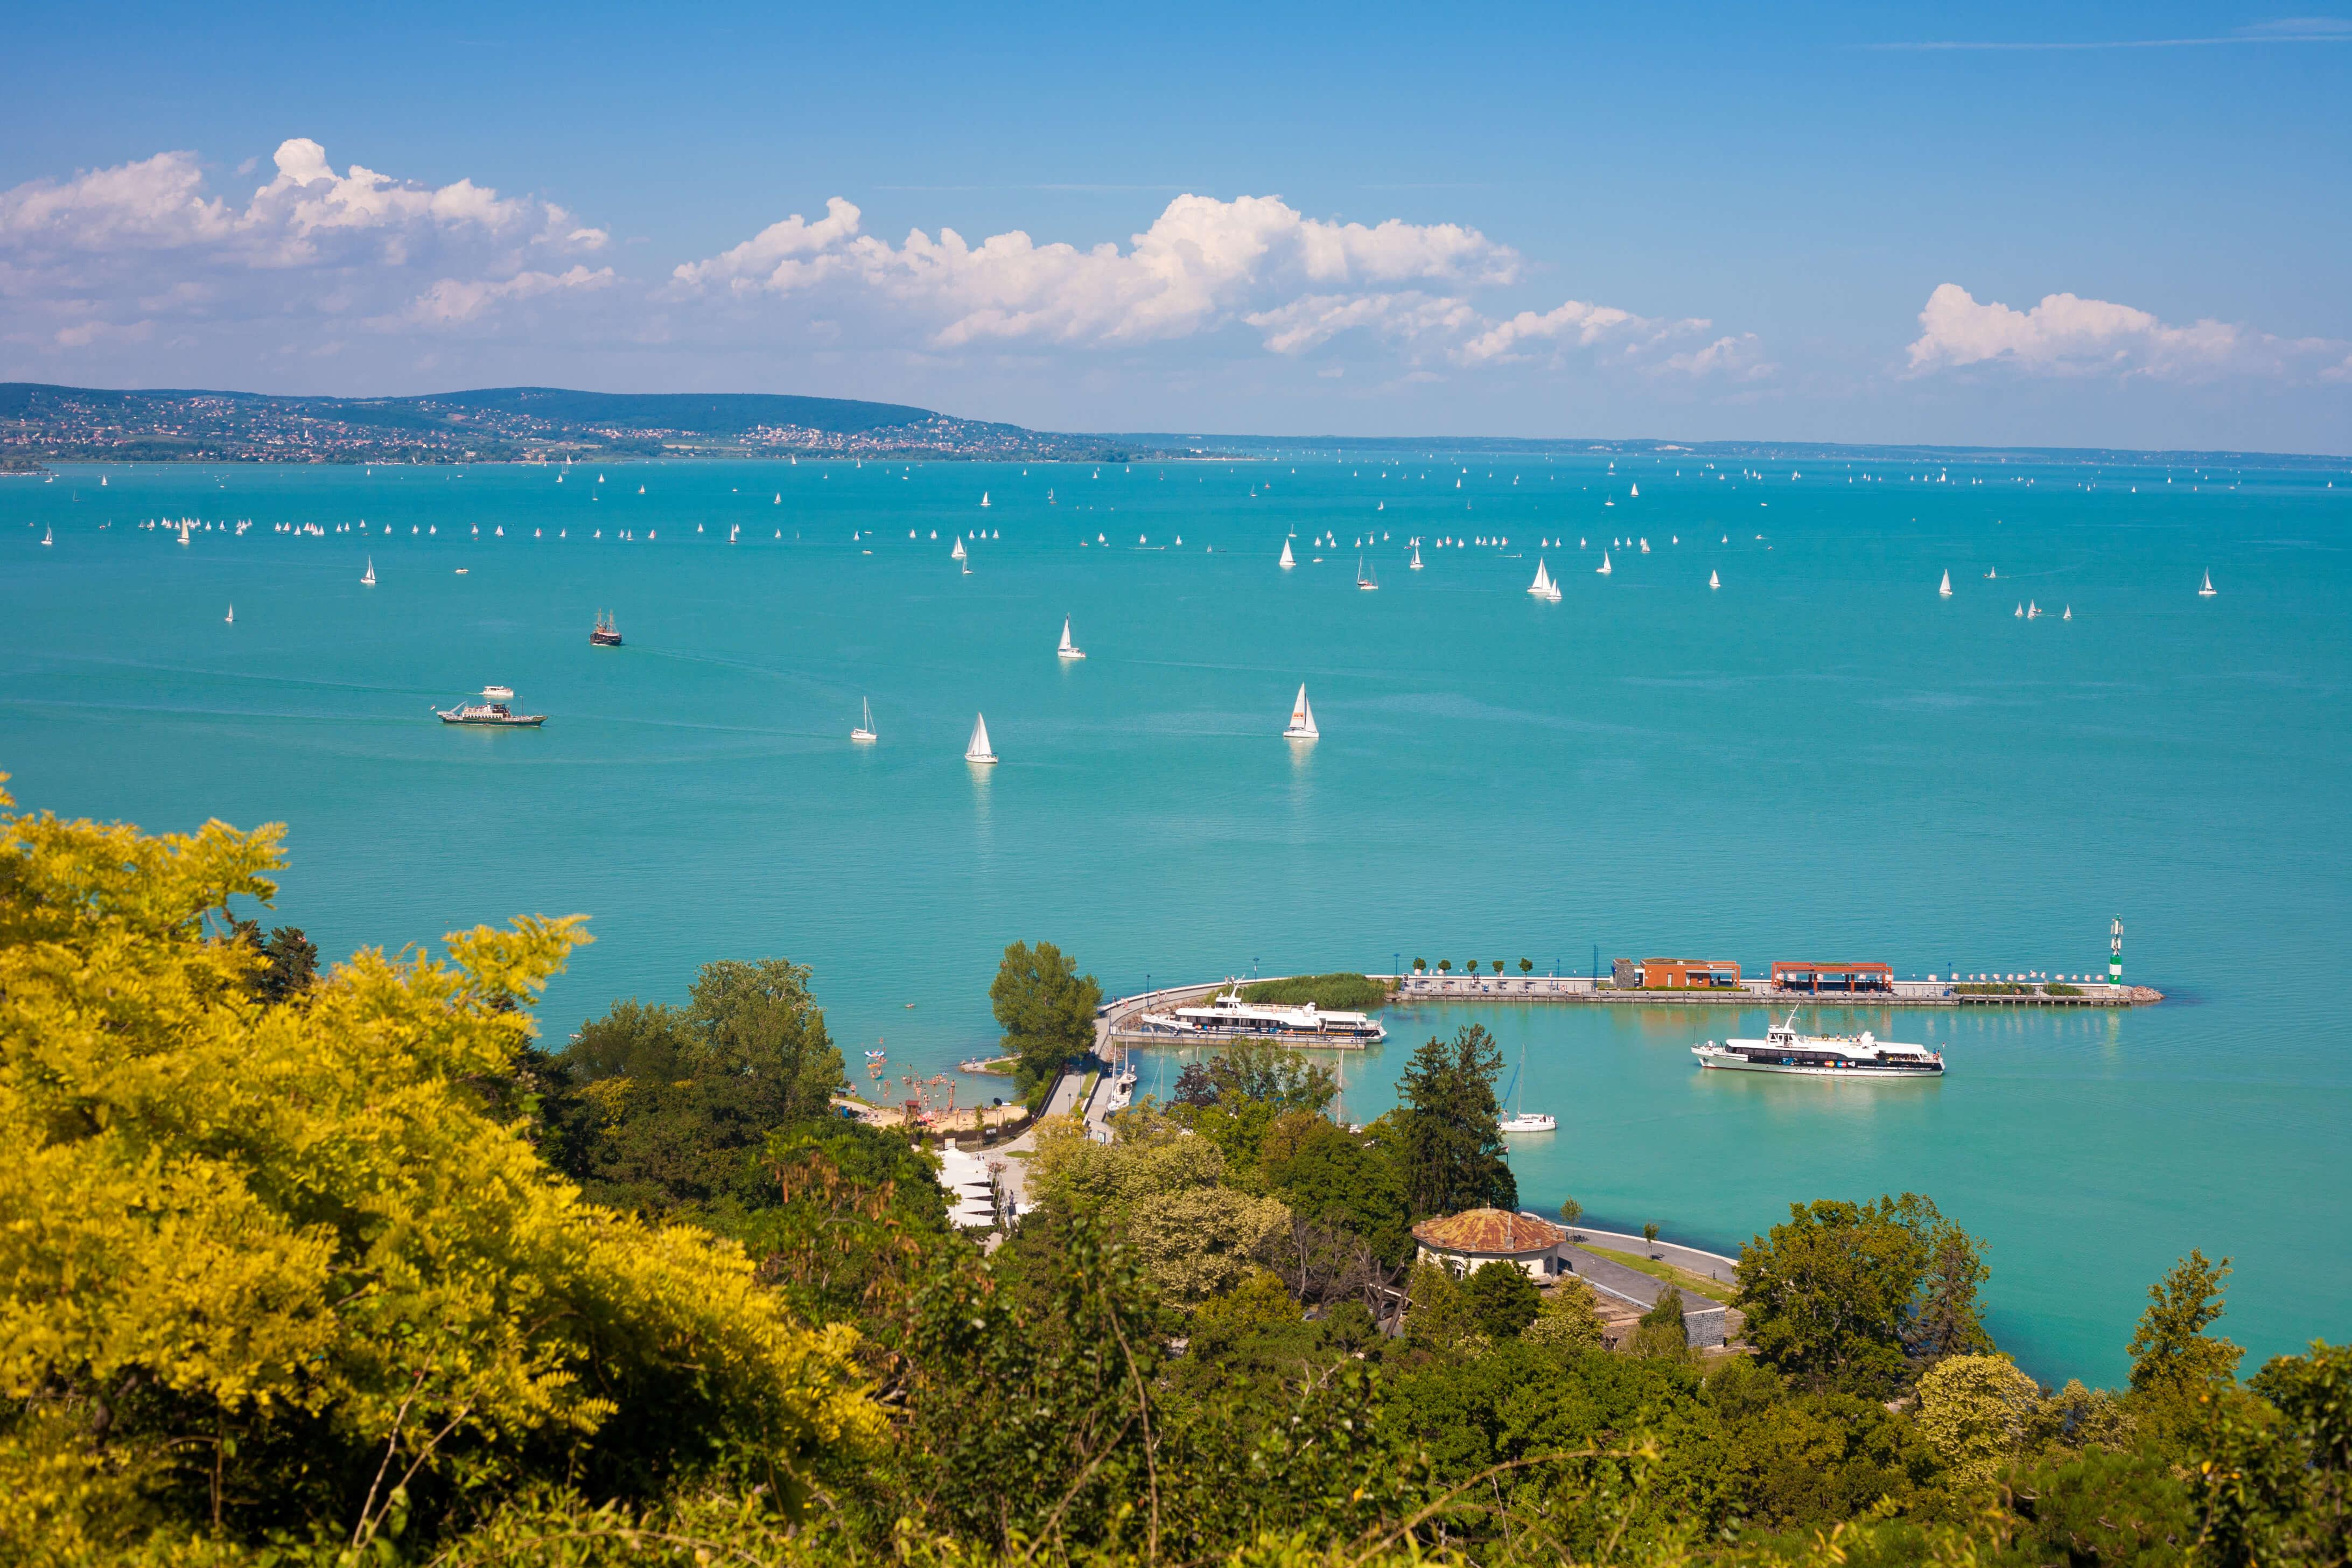 Északi part: 5 nyaraló a Balaton partjáról, amibe azonnal beleszeretsz!